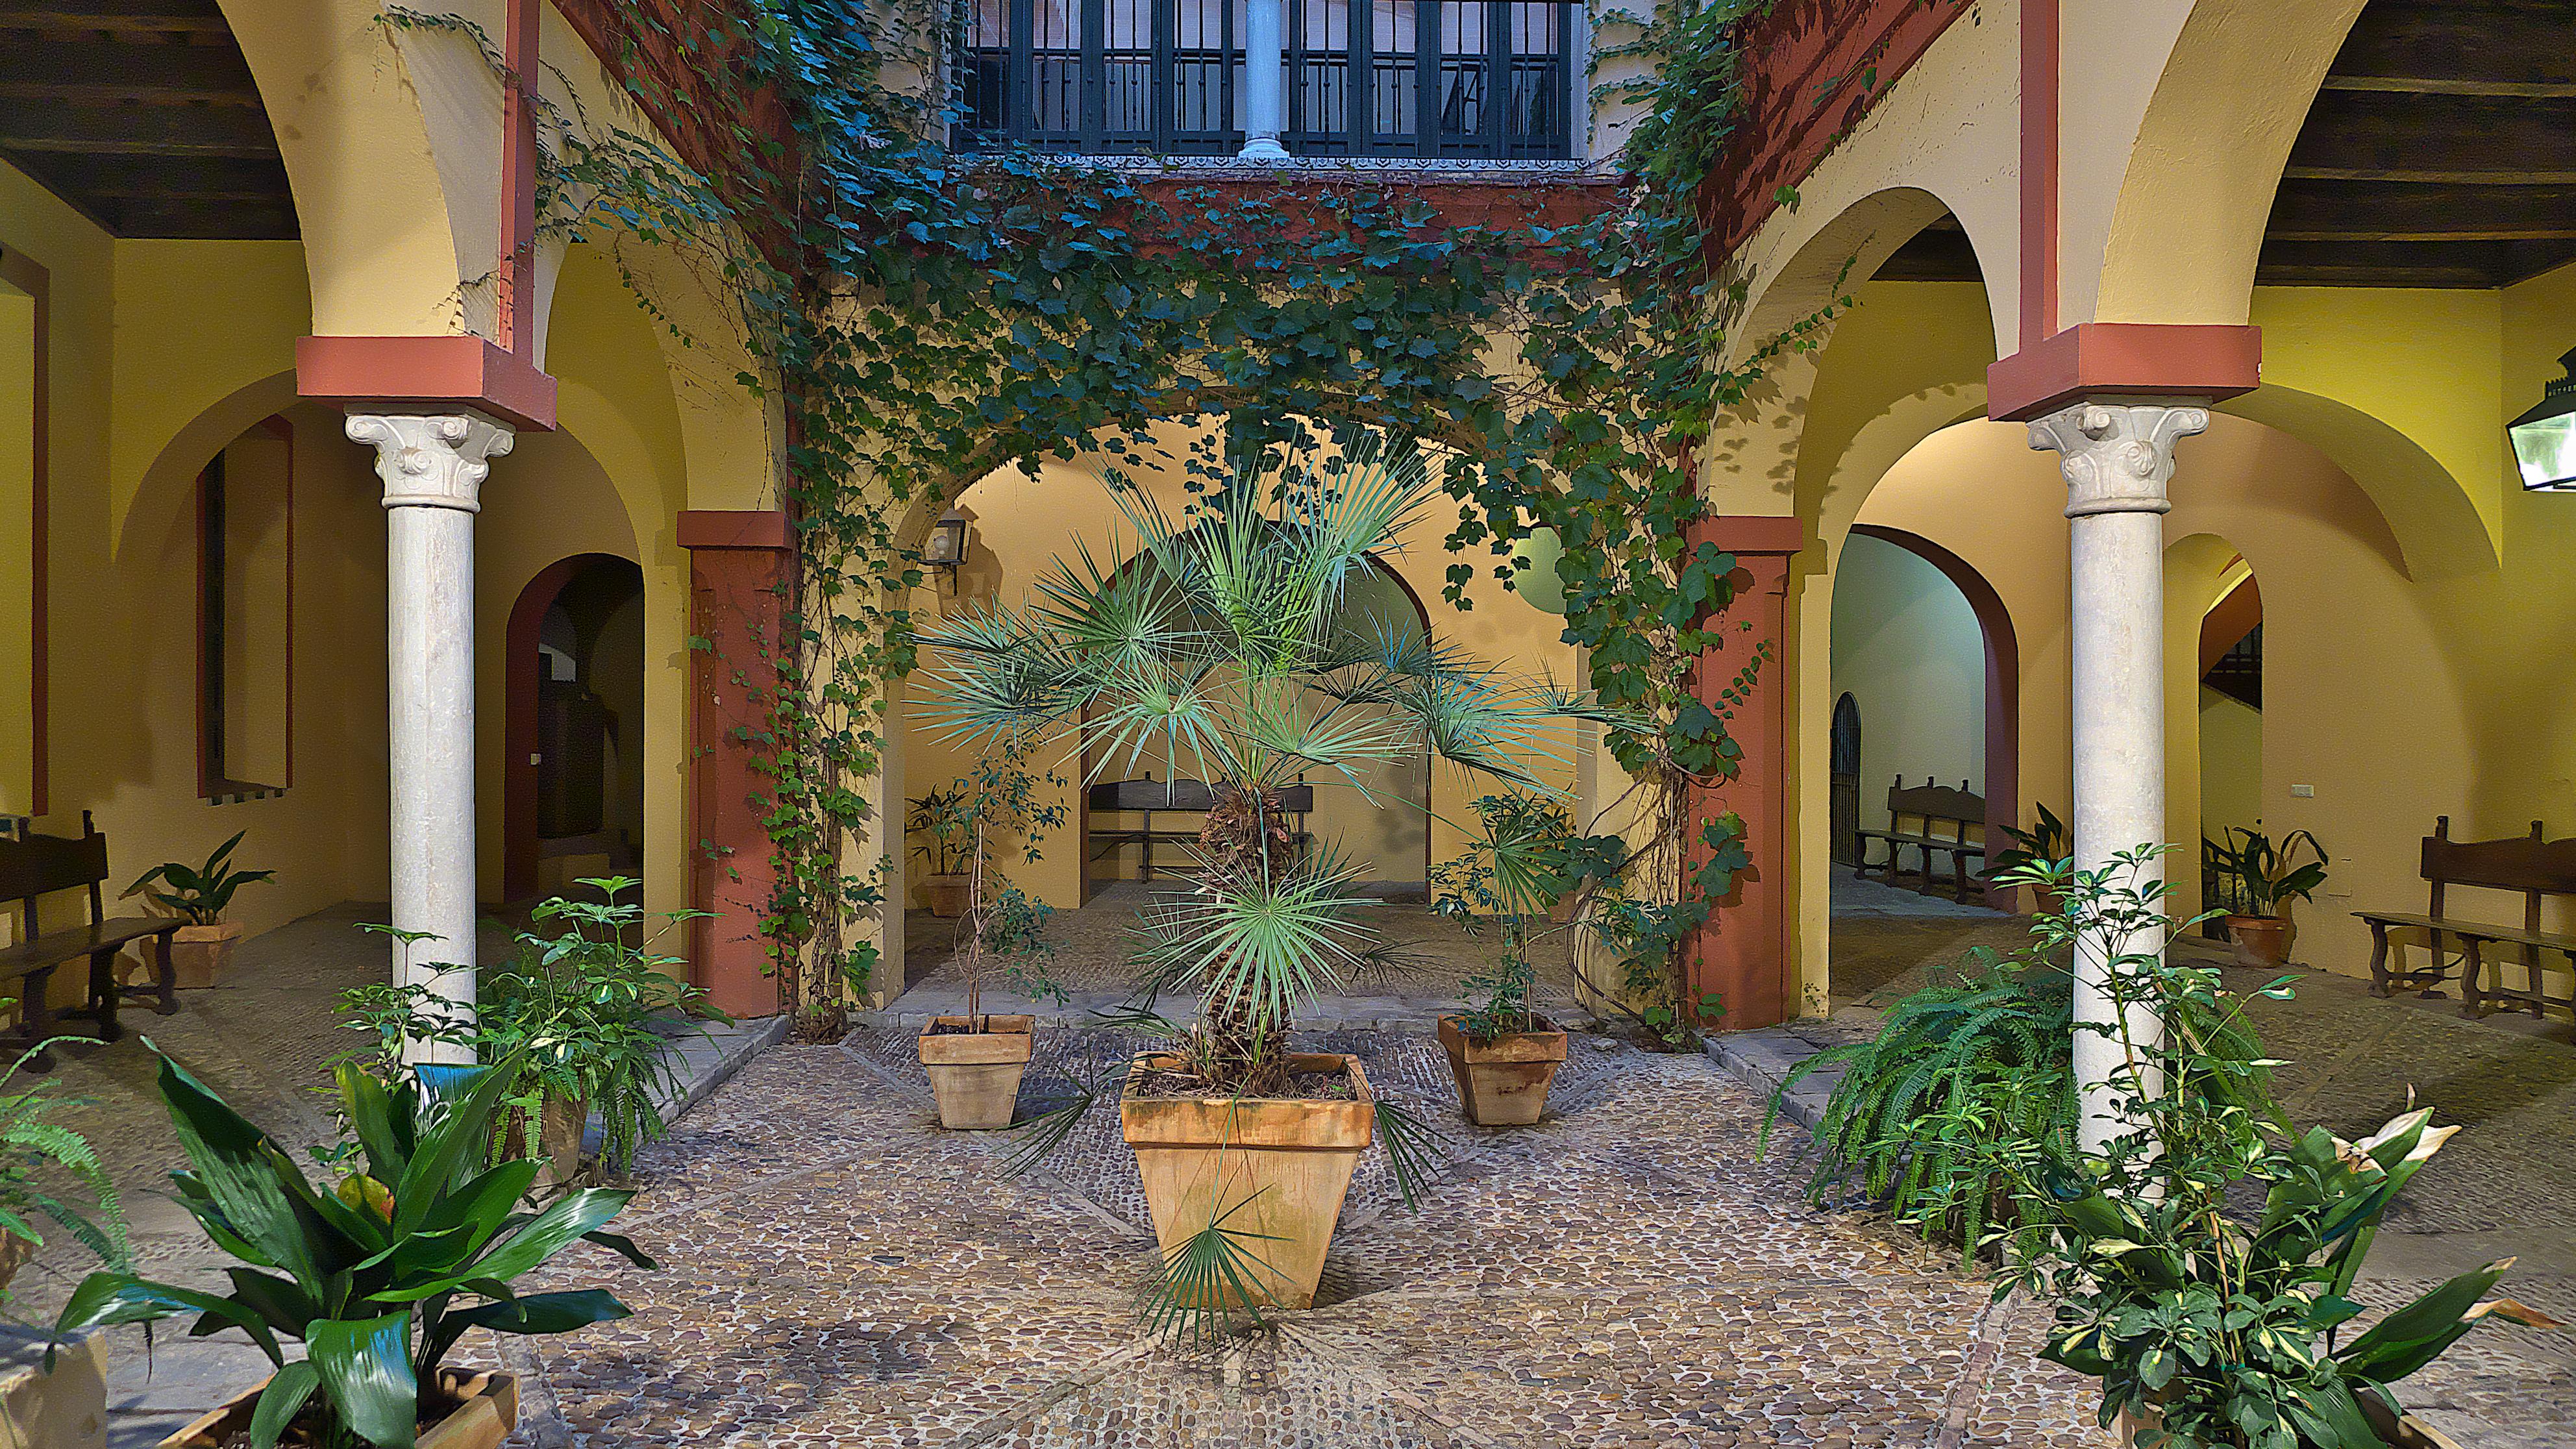 File juder a de sevilla wikipedia the for Casas de sofas en sevilla